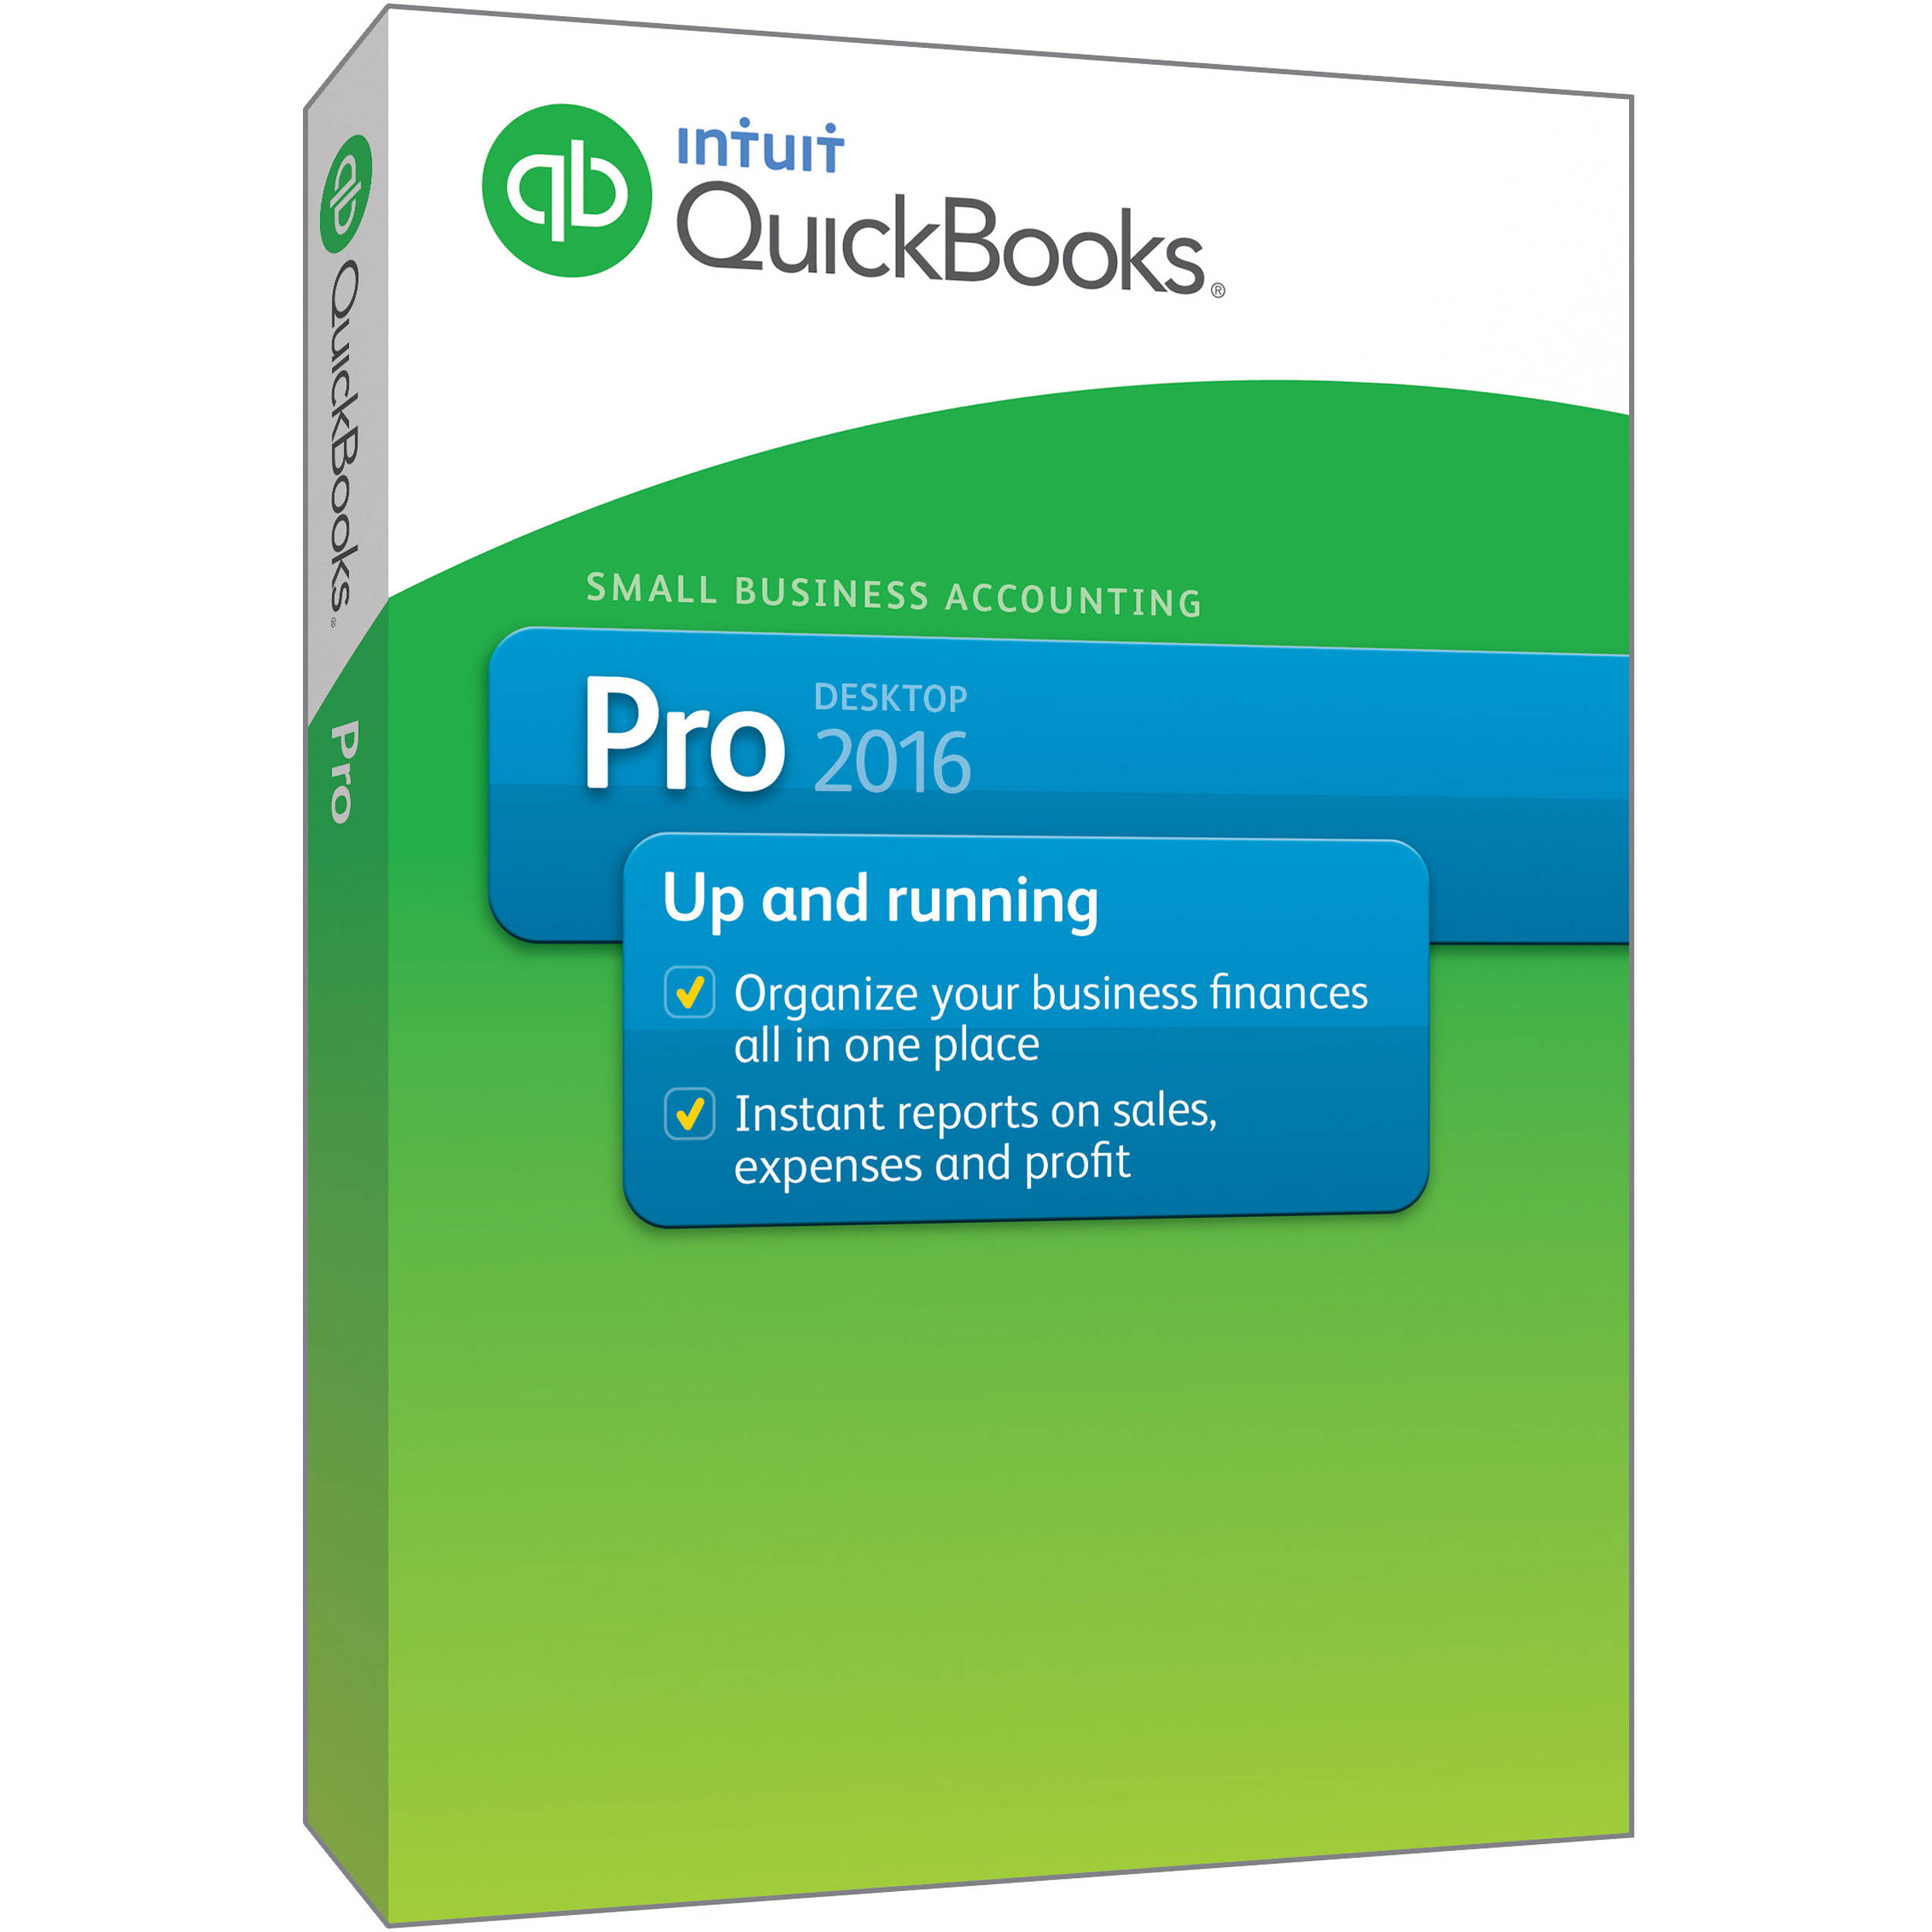 intuit quickbooks deal dash com